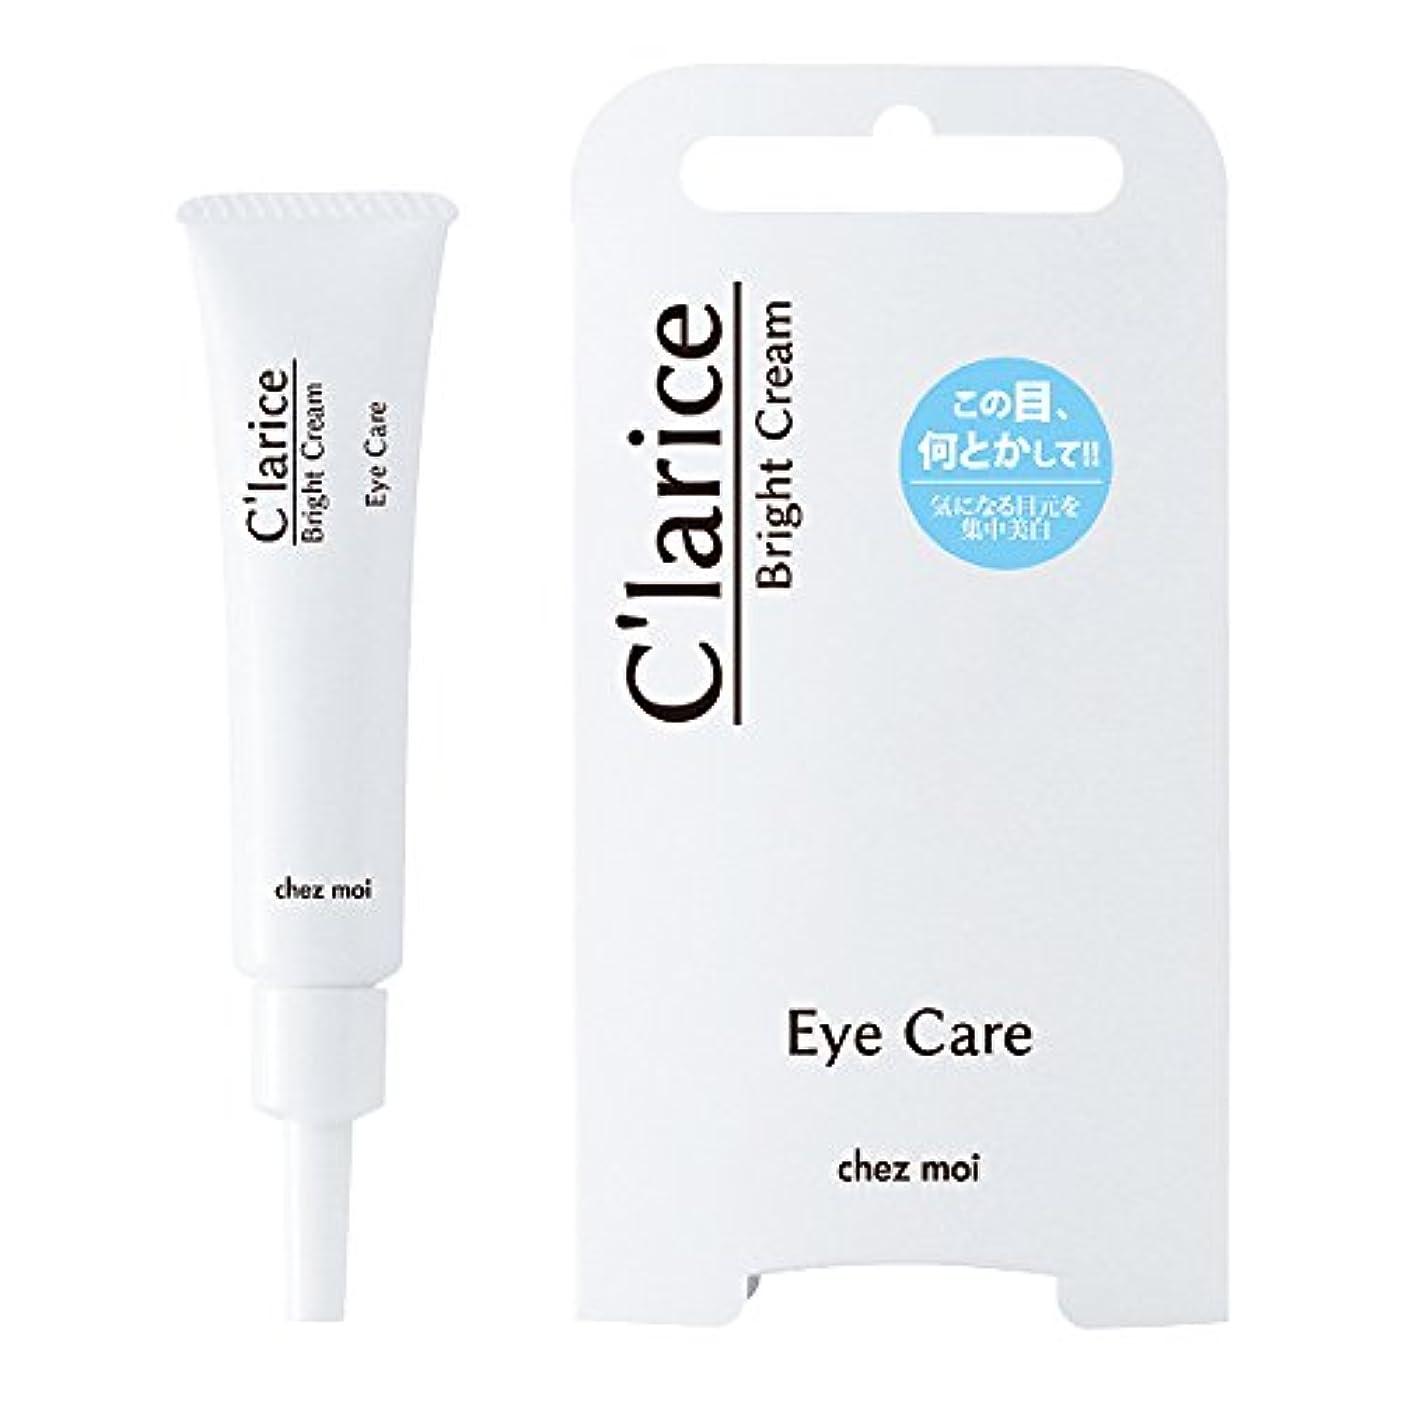 させる潤滑する崩壊シェモア C'larice(クラリス) Bright Cream【医薬部外品】 15g